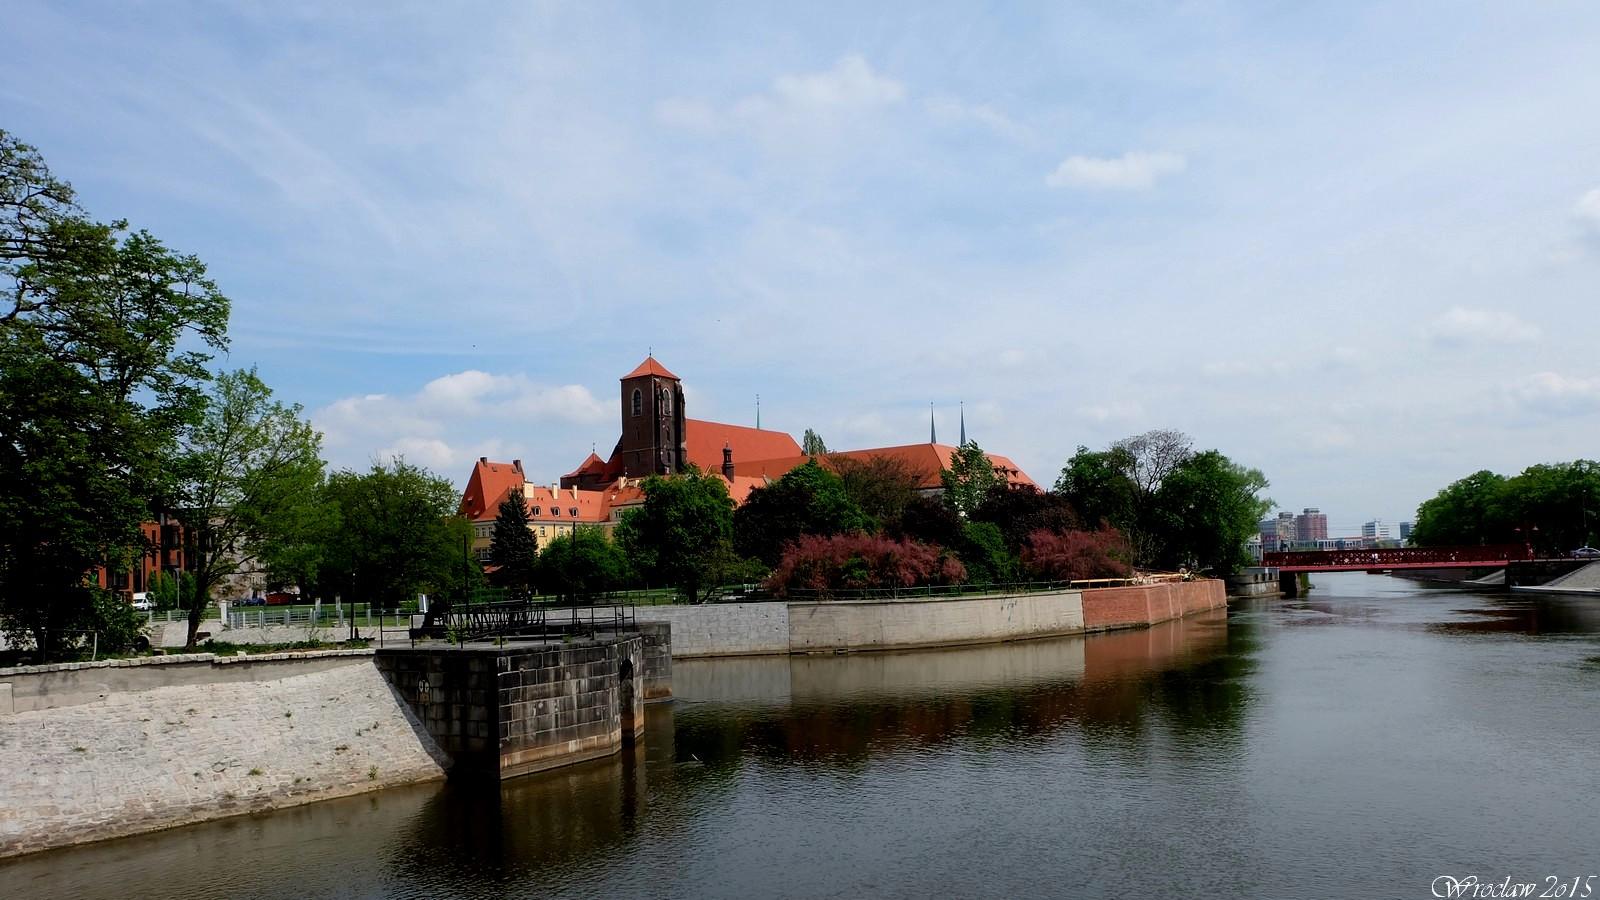 Wyspa Tamka, Wroclaw, Poland